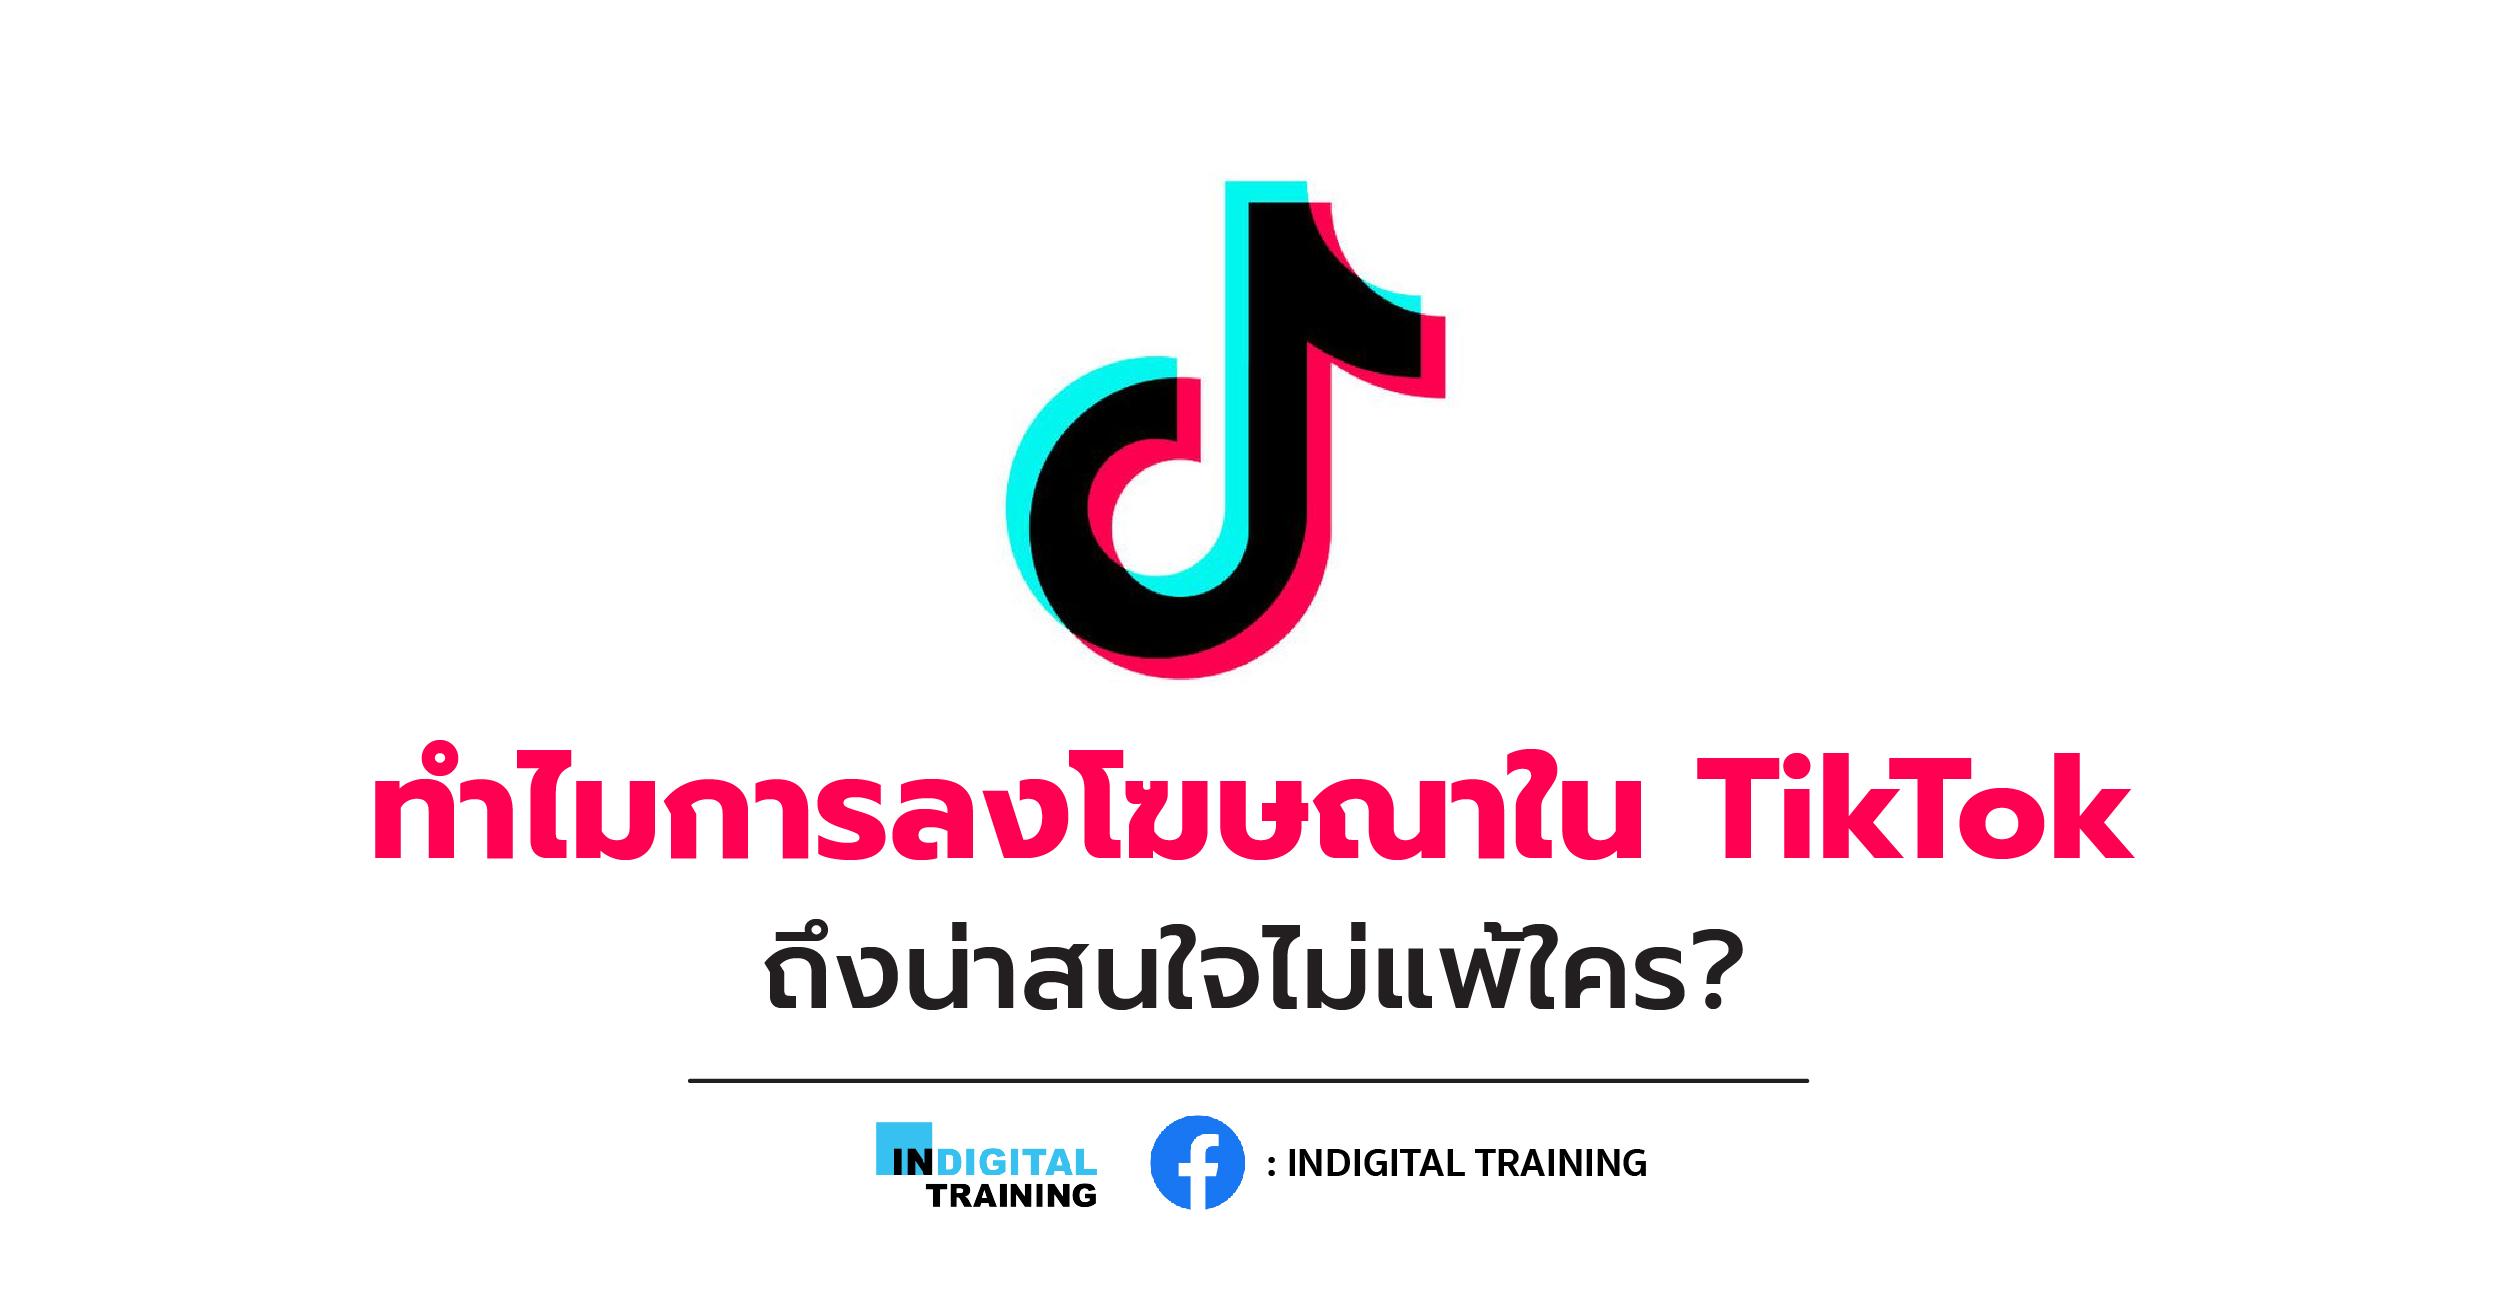 ทำไมการลงโฆษณาใน TikTok ถึงน่าสนใจไม่แพ้ใคร?